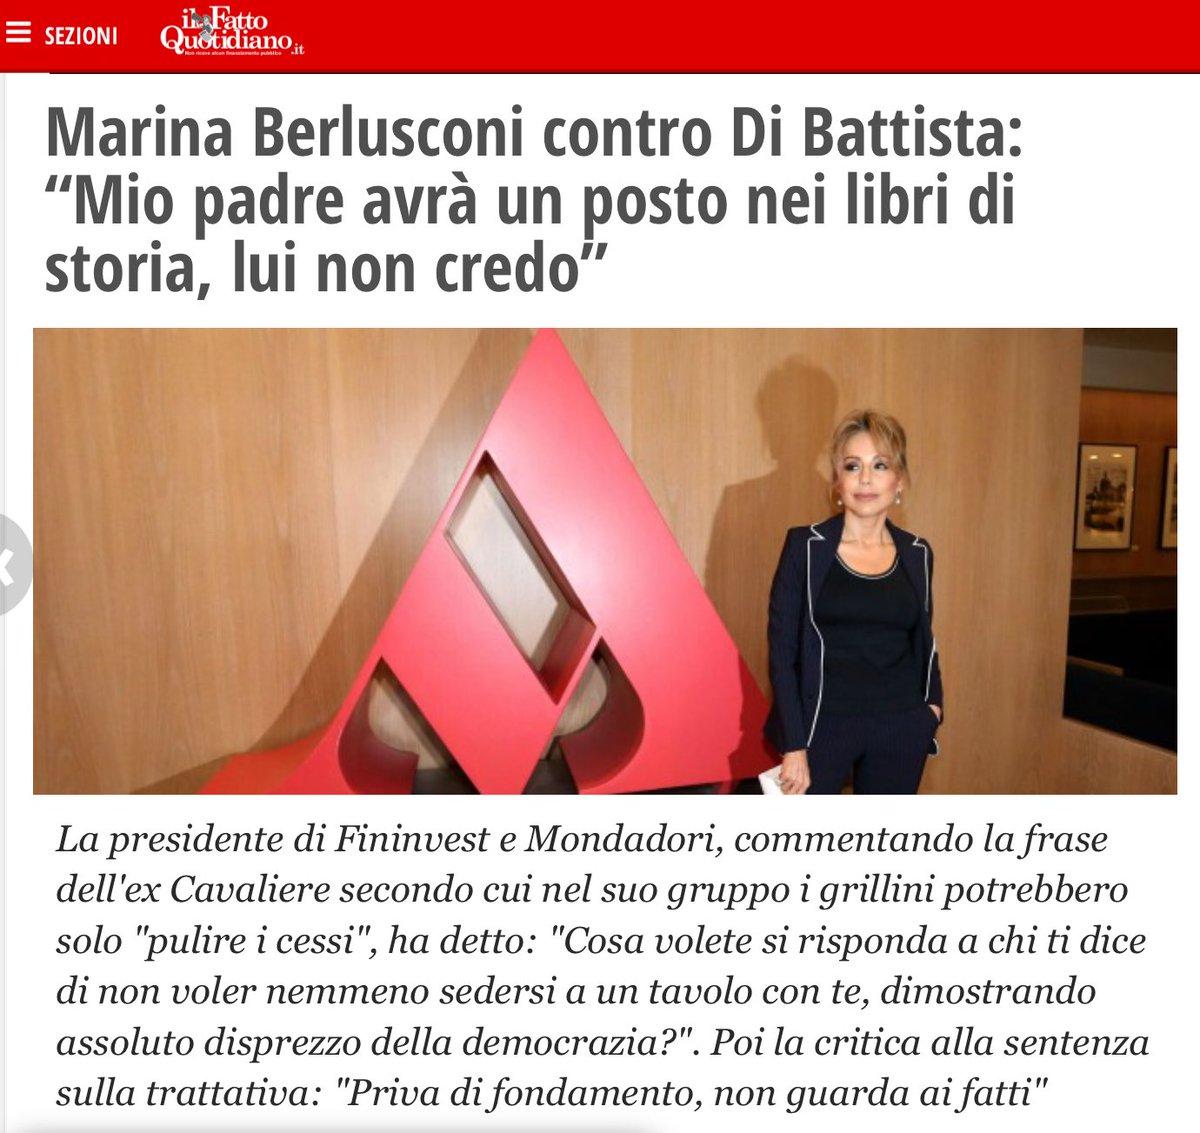 #MarinaBerlusconi